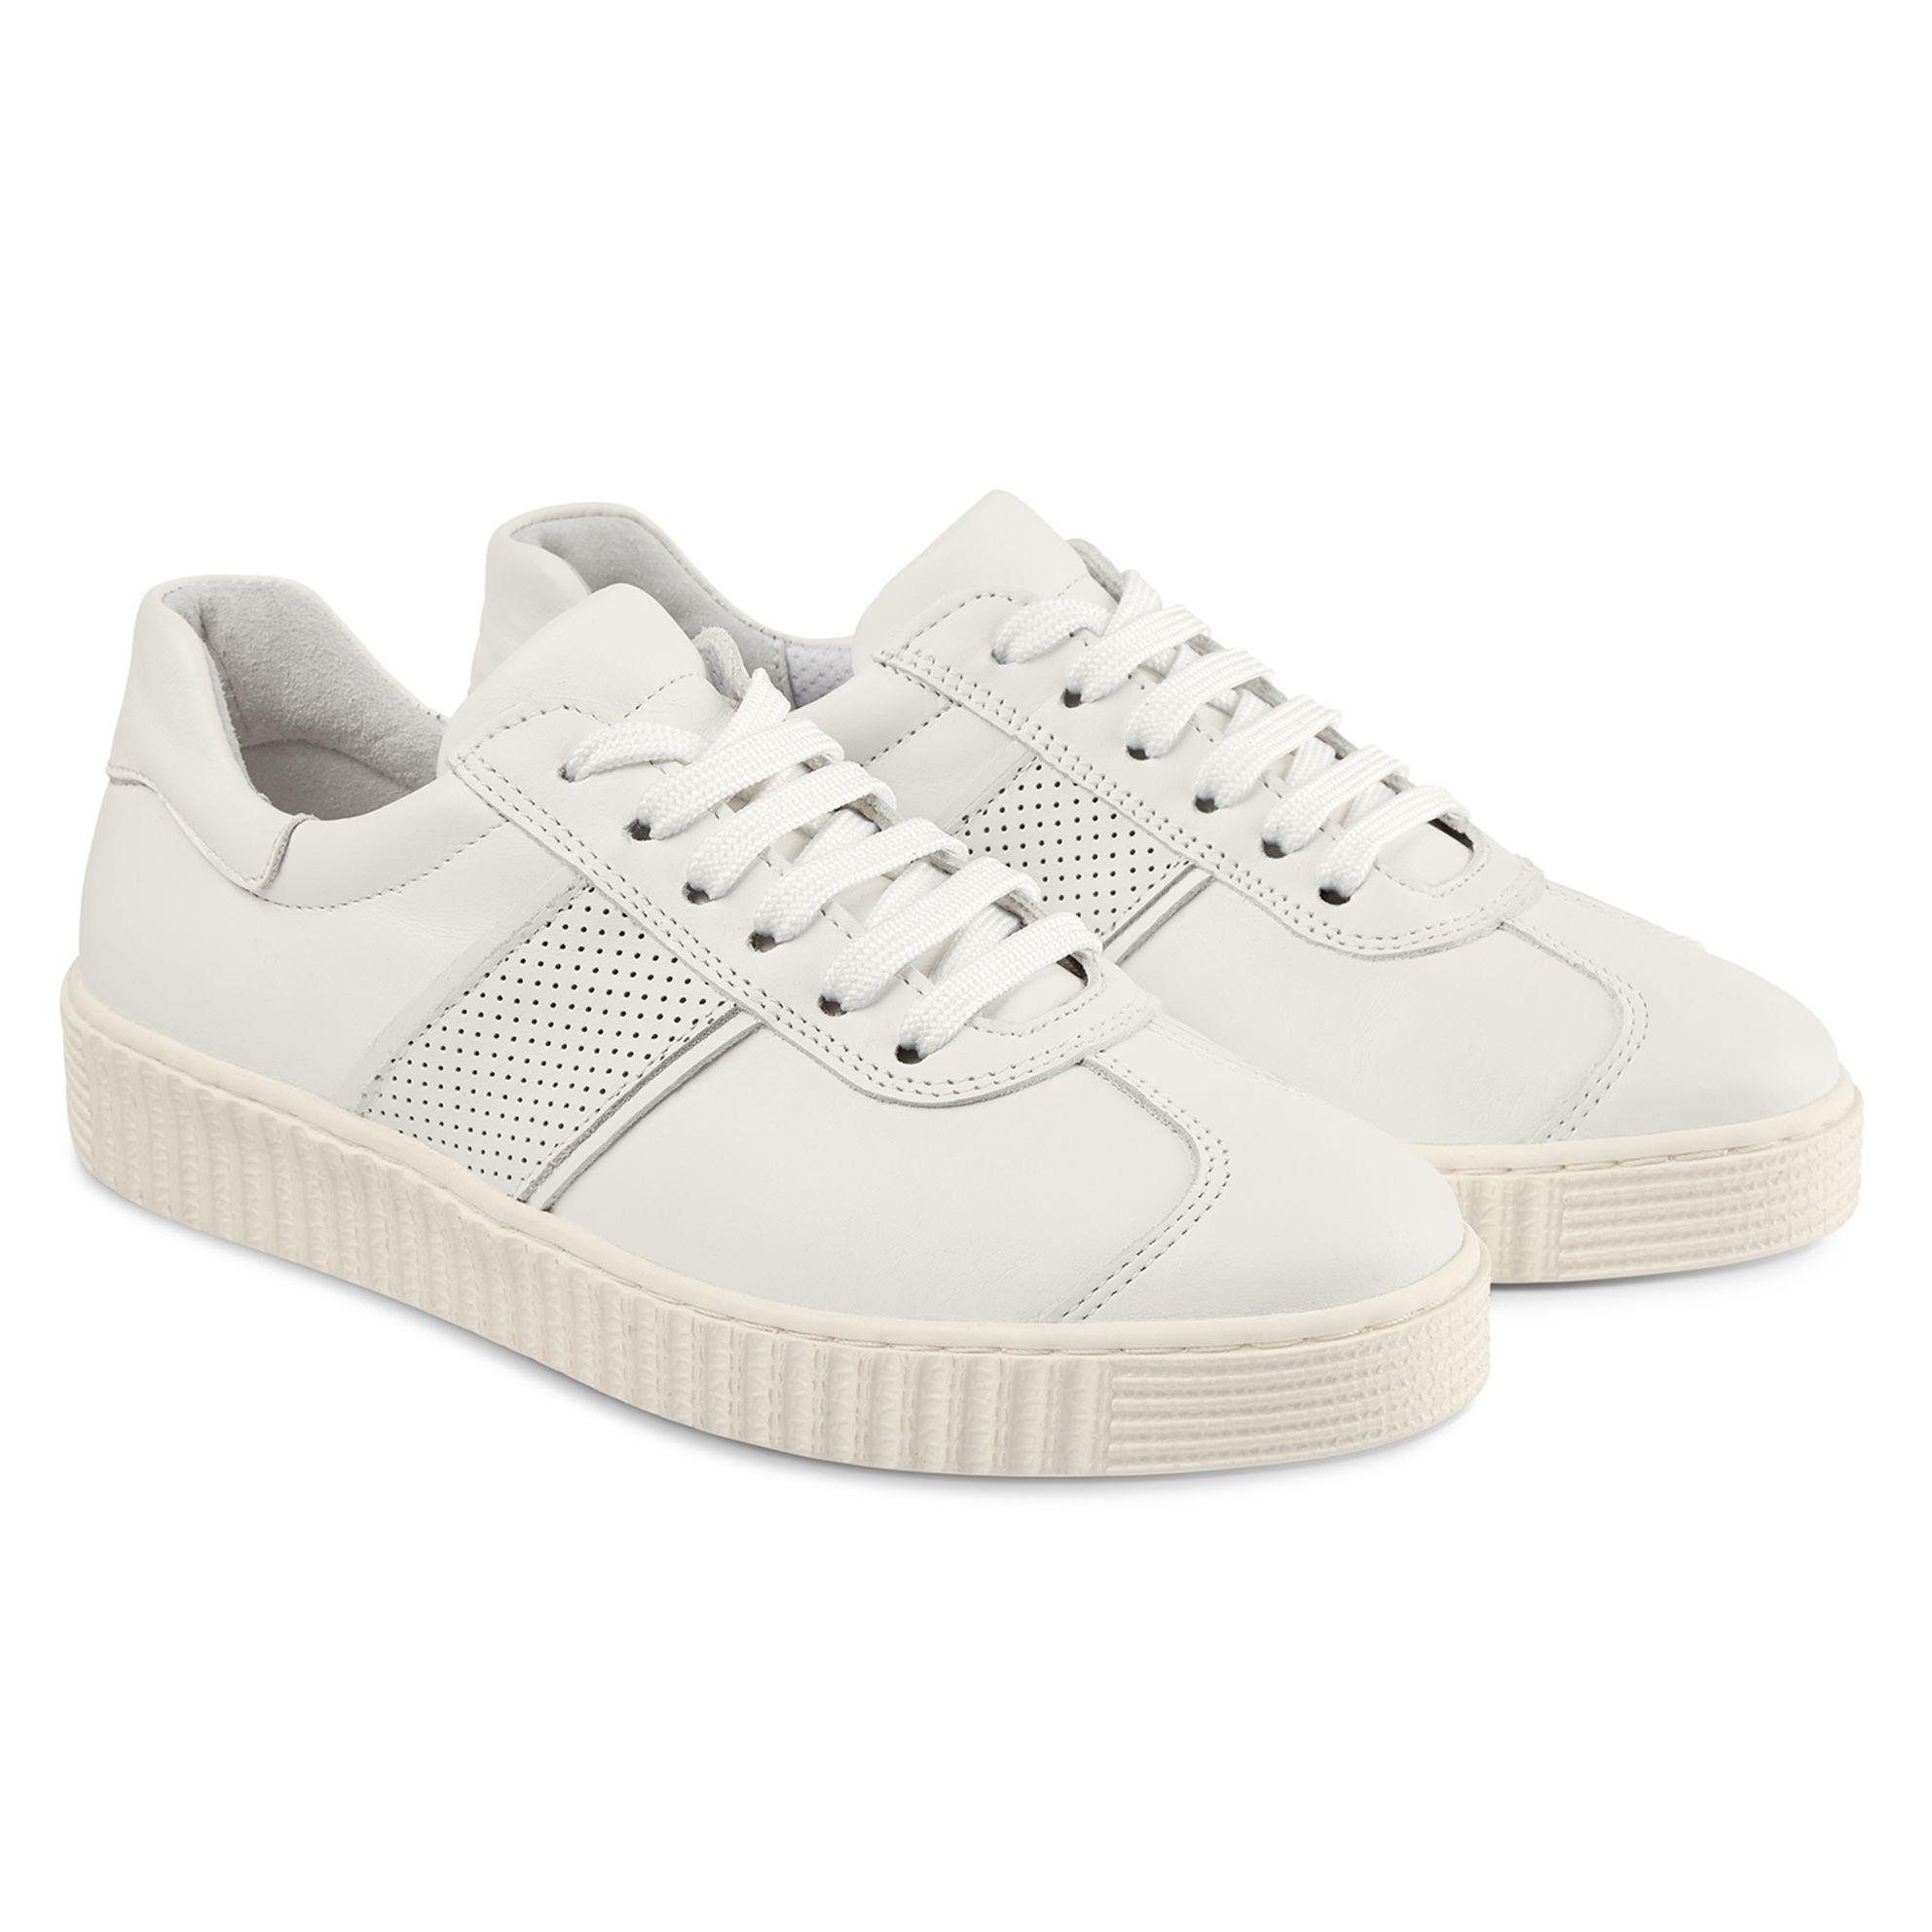 Sneaker Retro Weiß – modischer und bequemer Schuh für Hallux valgus und empfindliche Füße von LaShoe.de